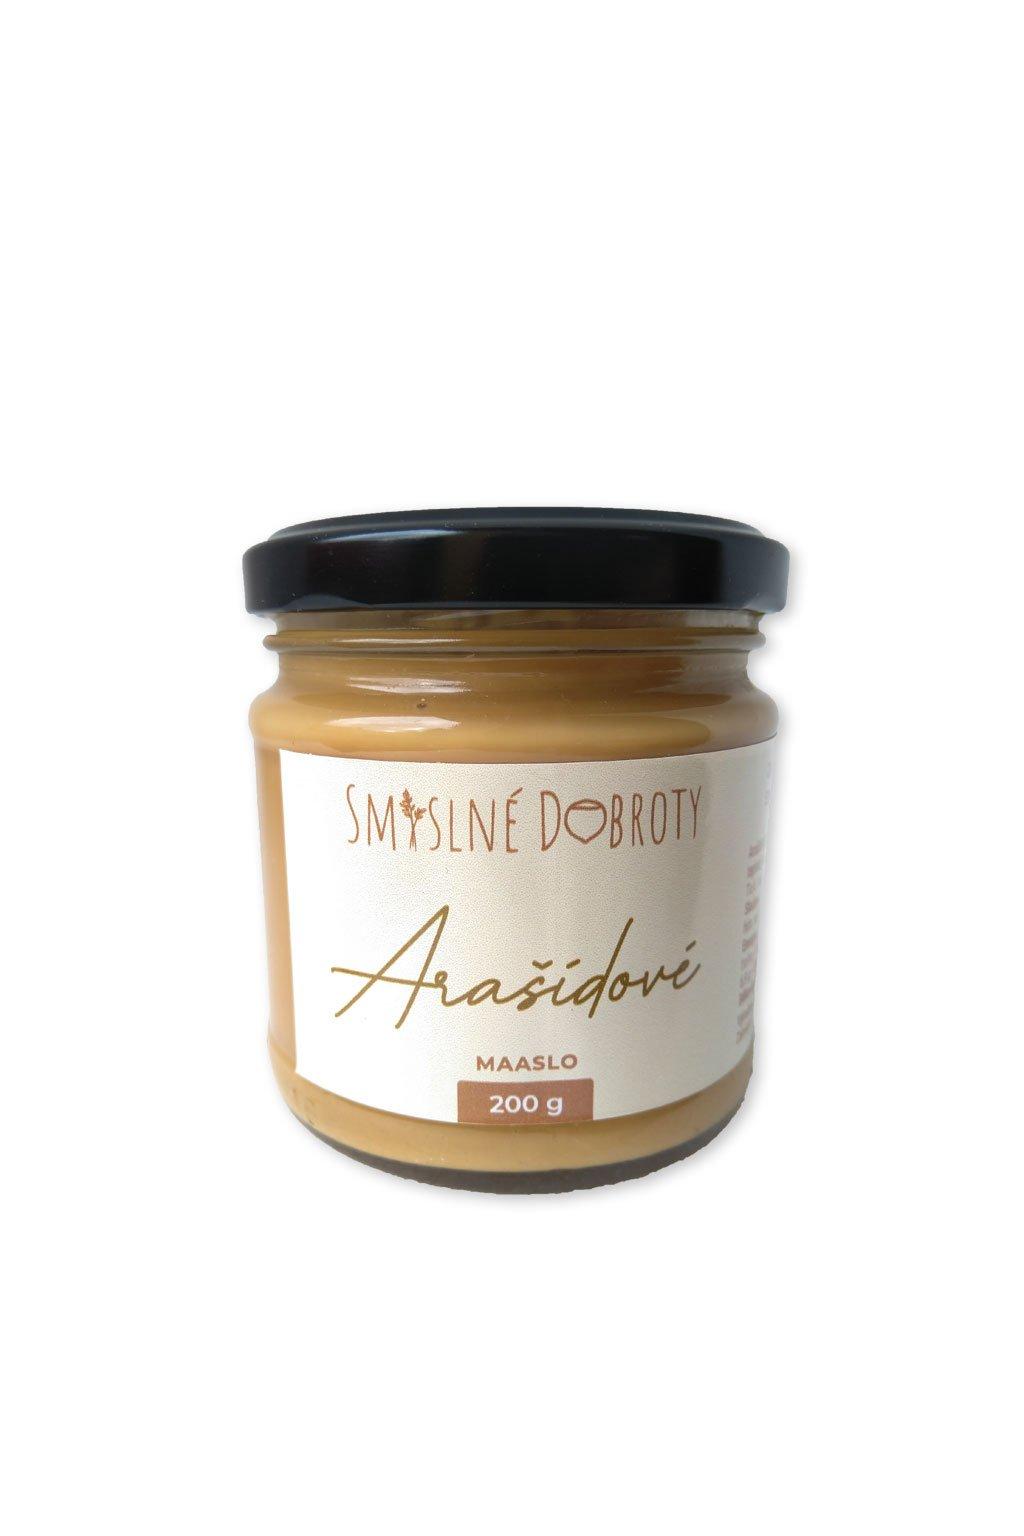 Arašídové 200g Smyslné dobroty Gurmetéka